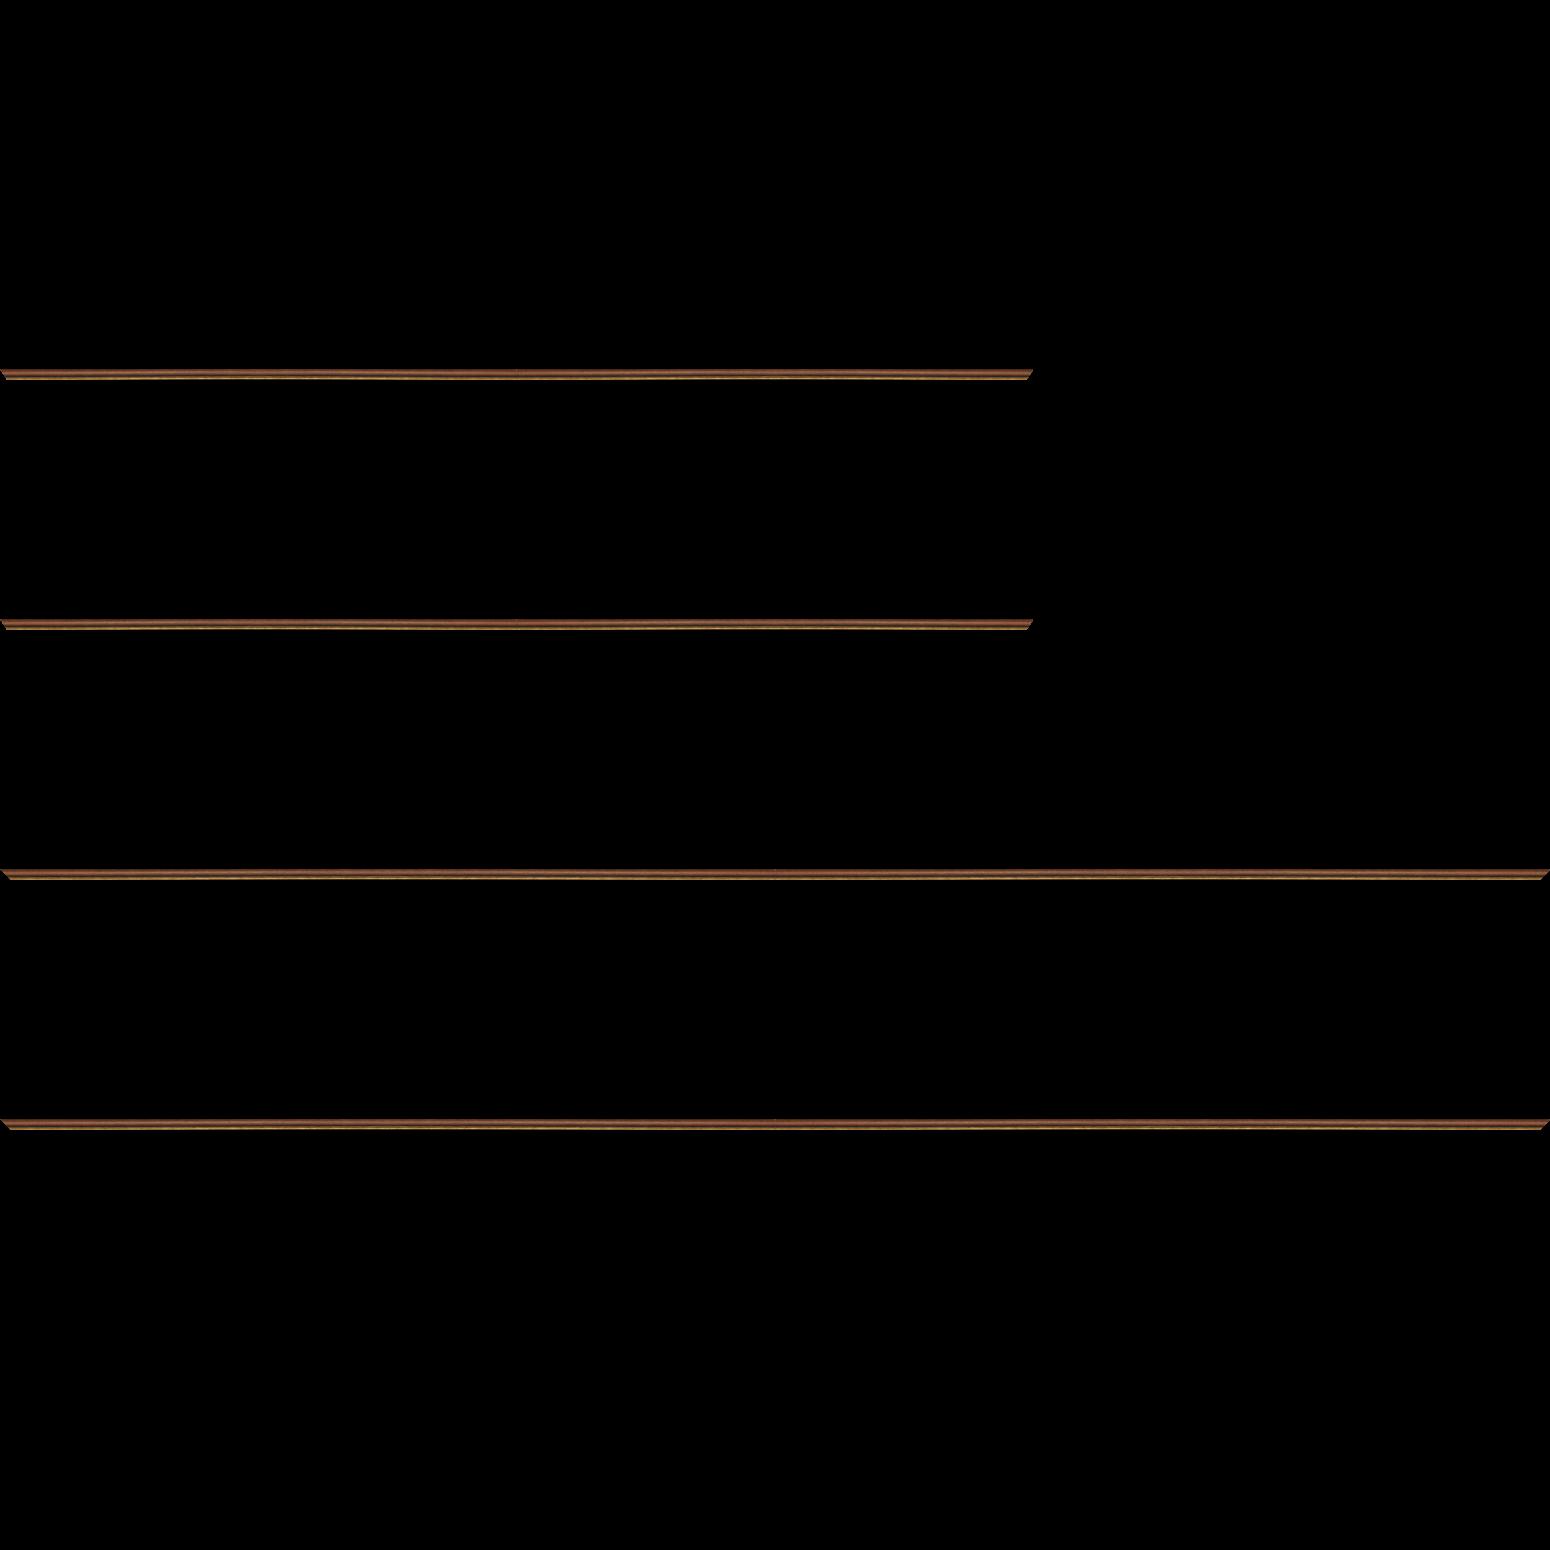 Baguette service précoupé bois profil arrondi largeur 2.4cm couleur marron rustique filet or